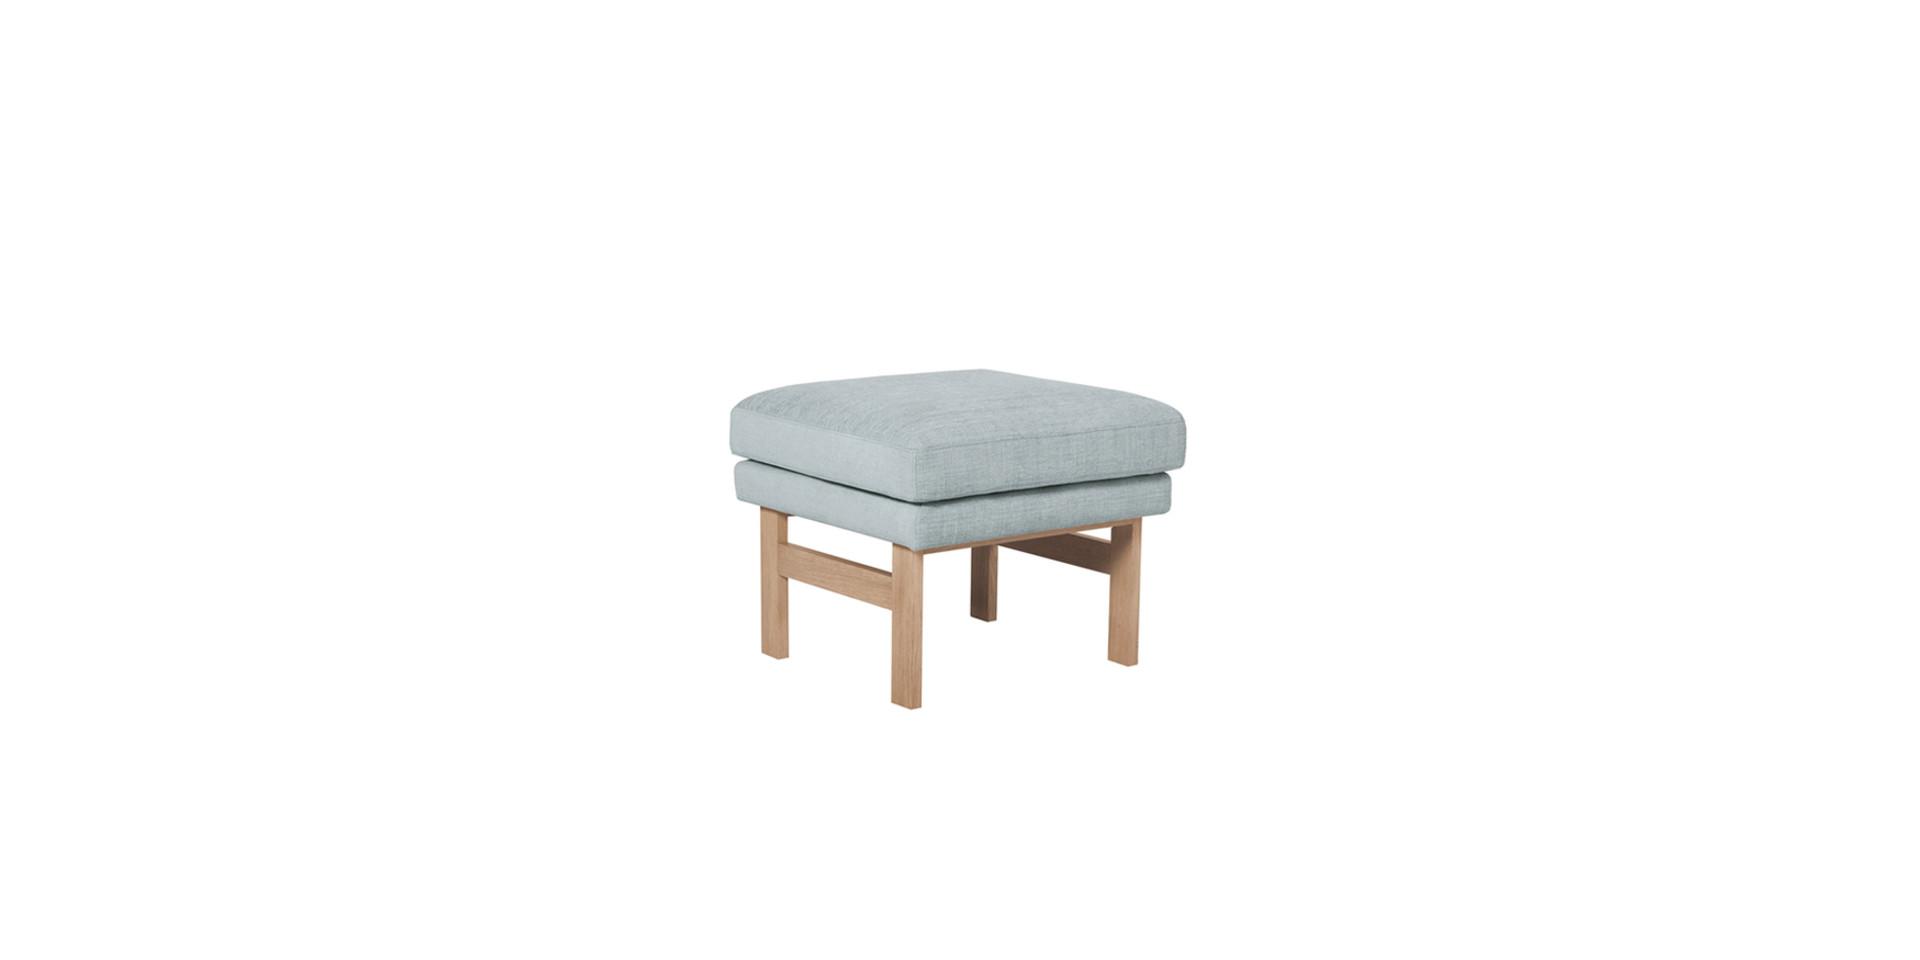 FINE_footstool45x55_mattis49_light_turquoise_2